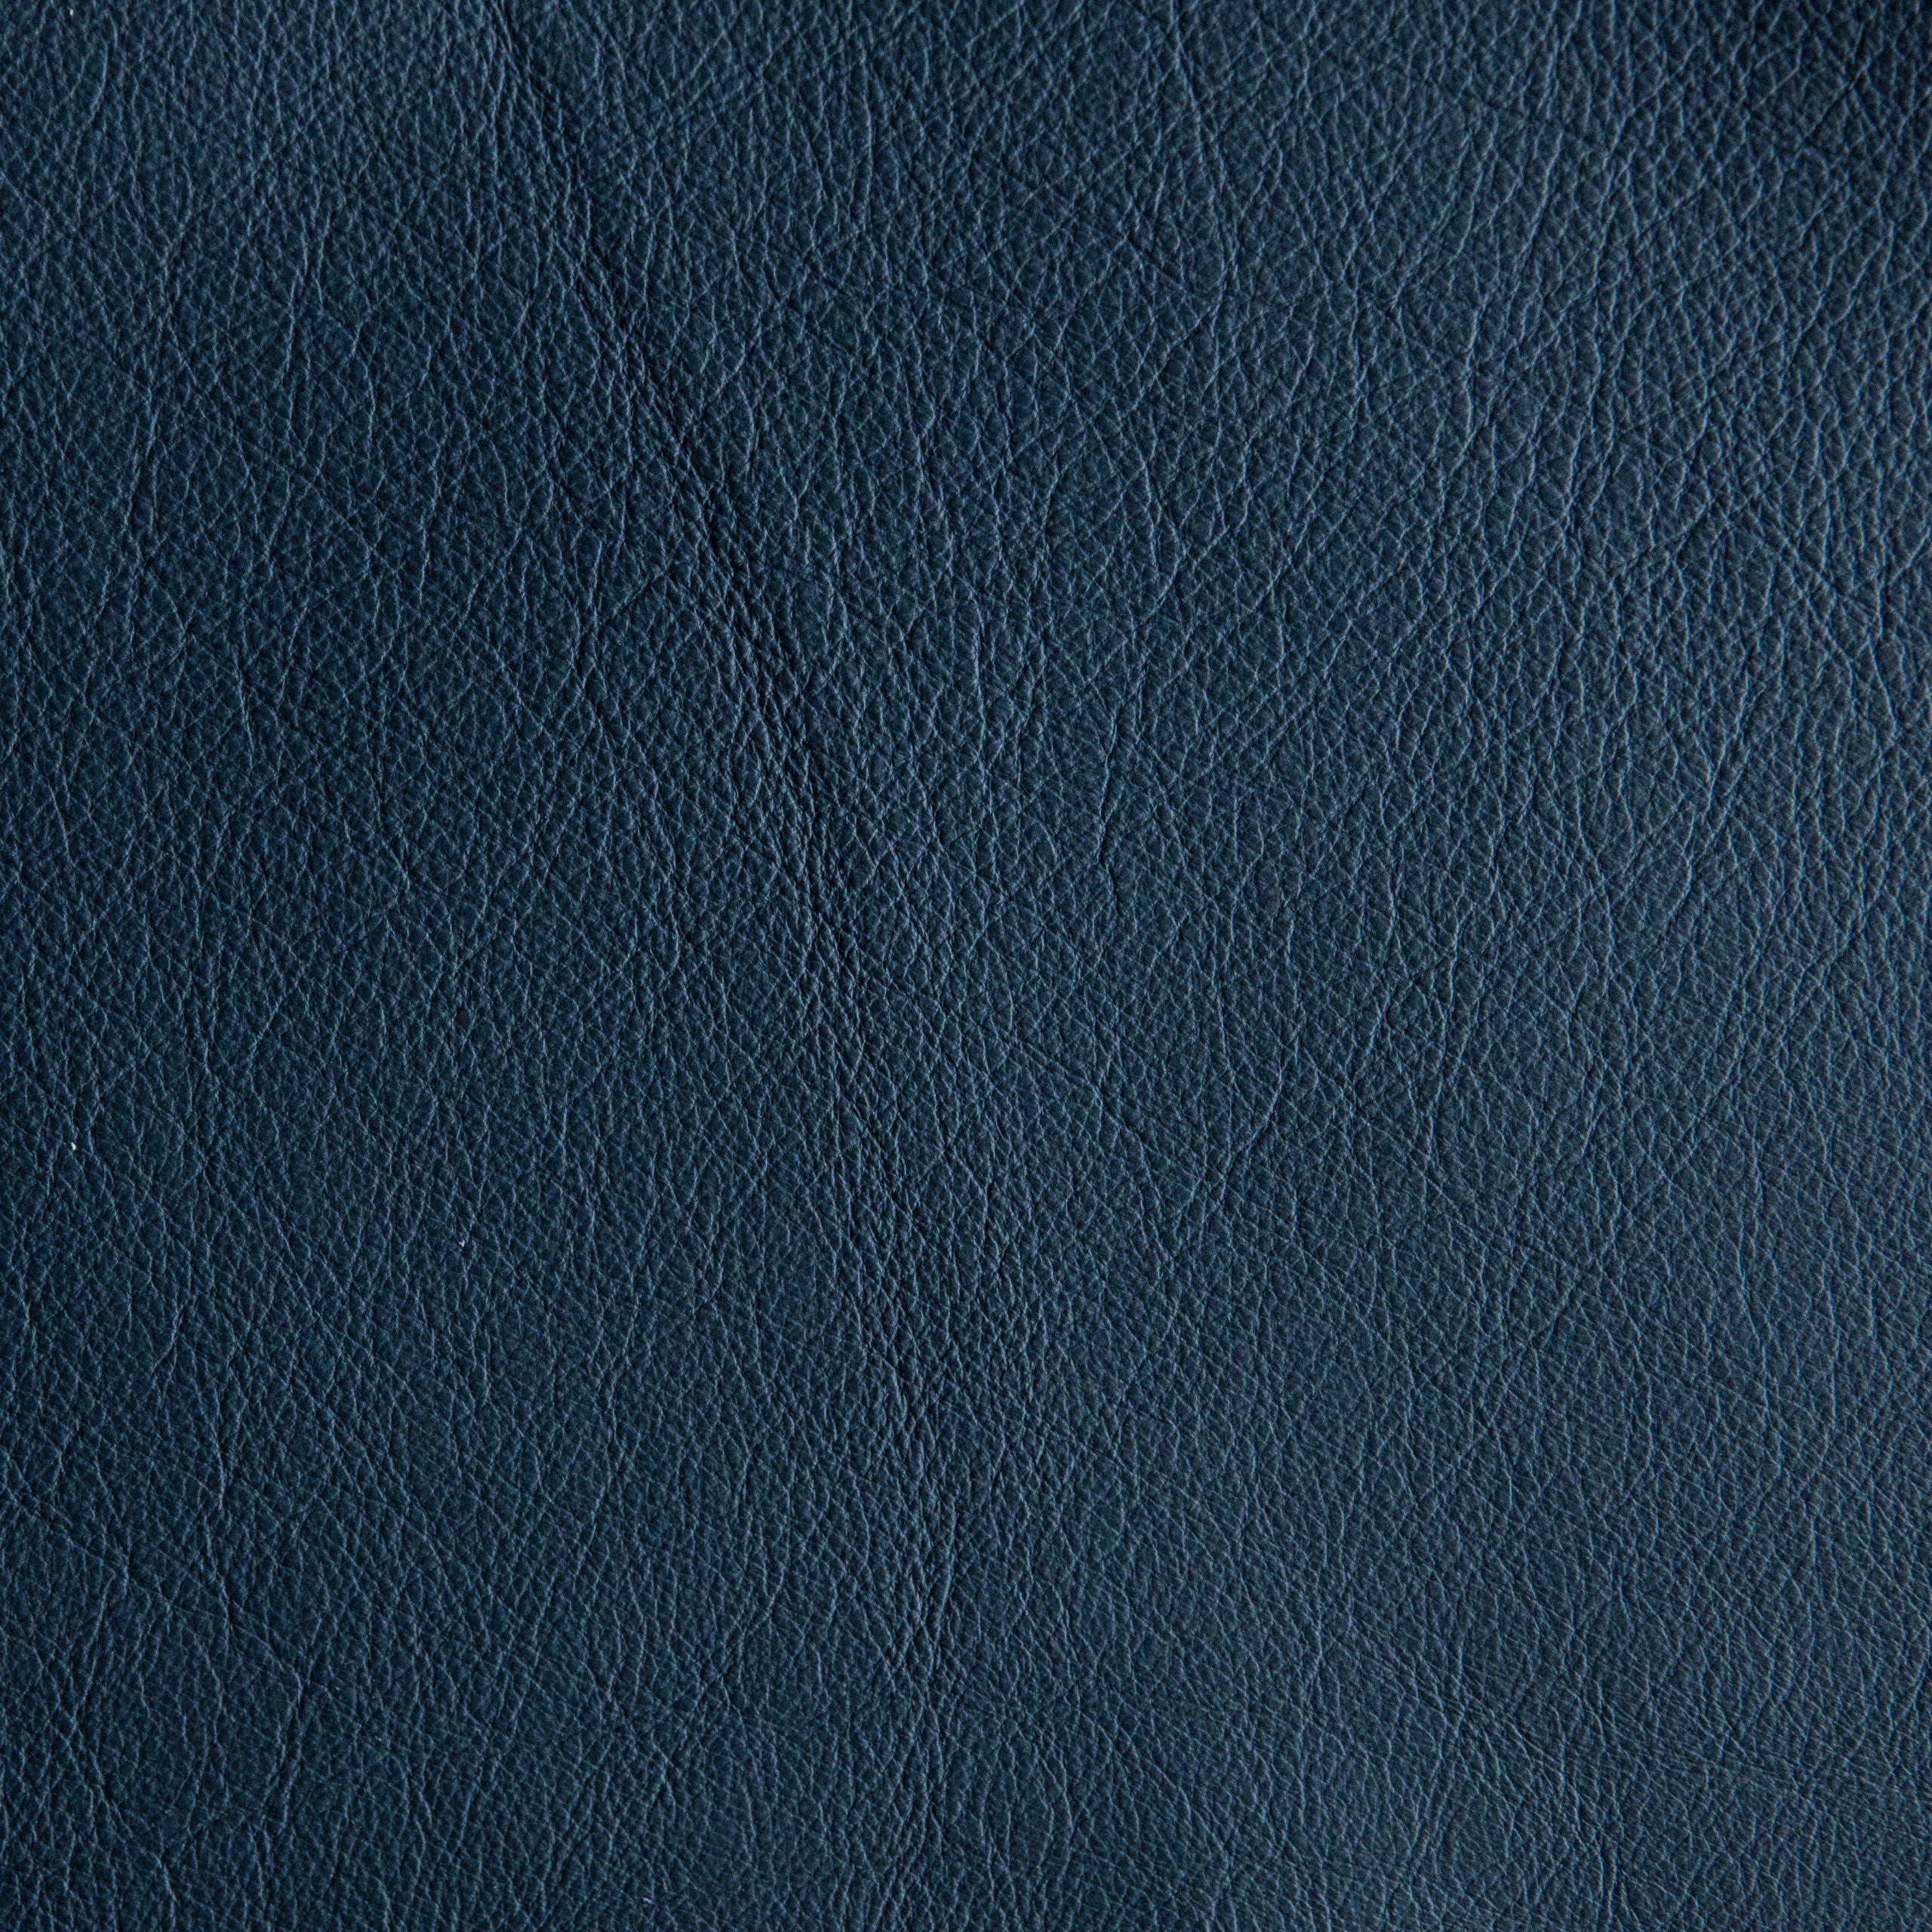 DREAMER III OCEAN